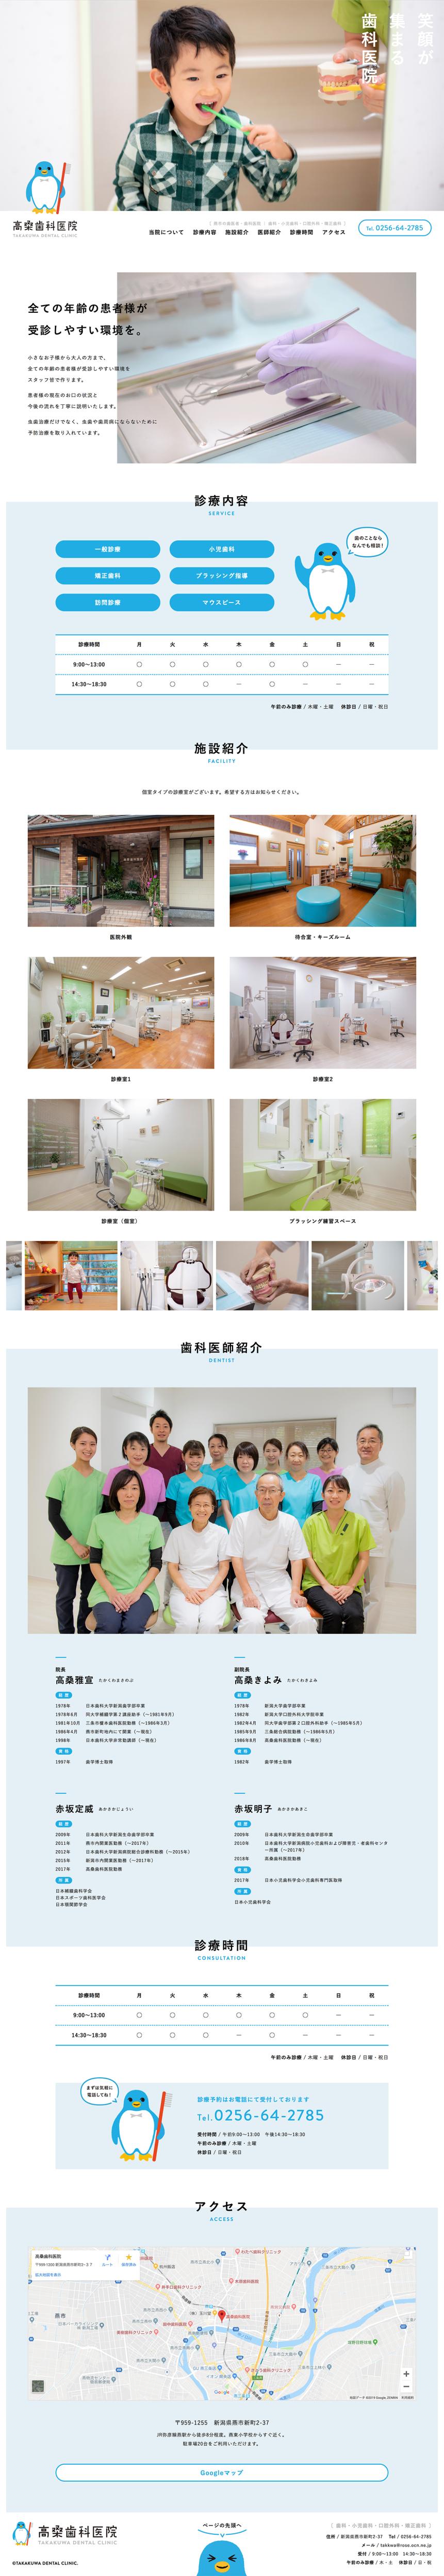 高桑歯科医院・ホームページ・PC